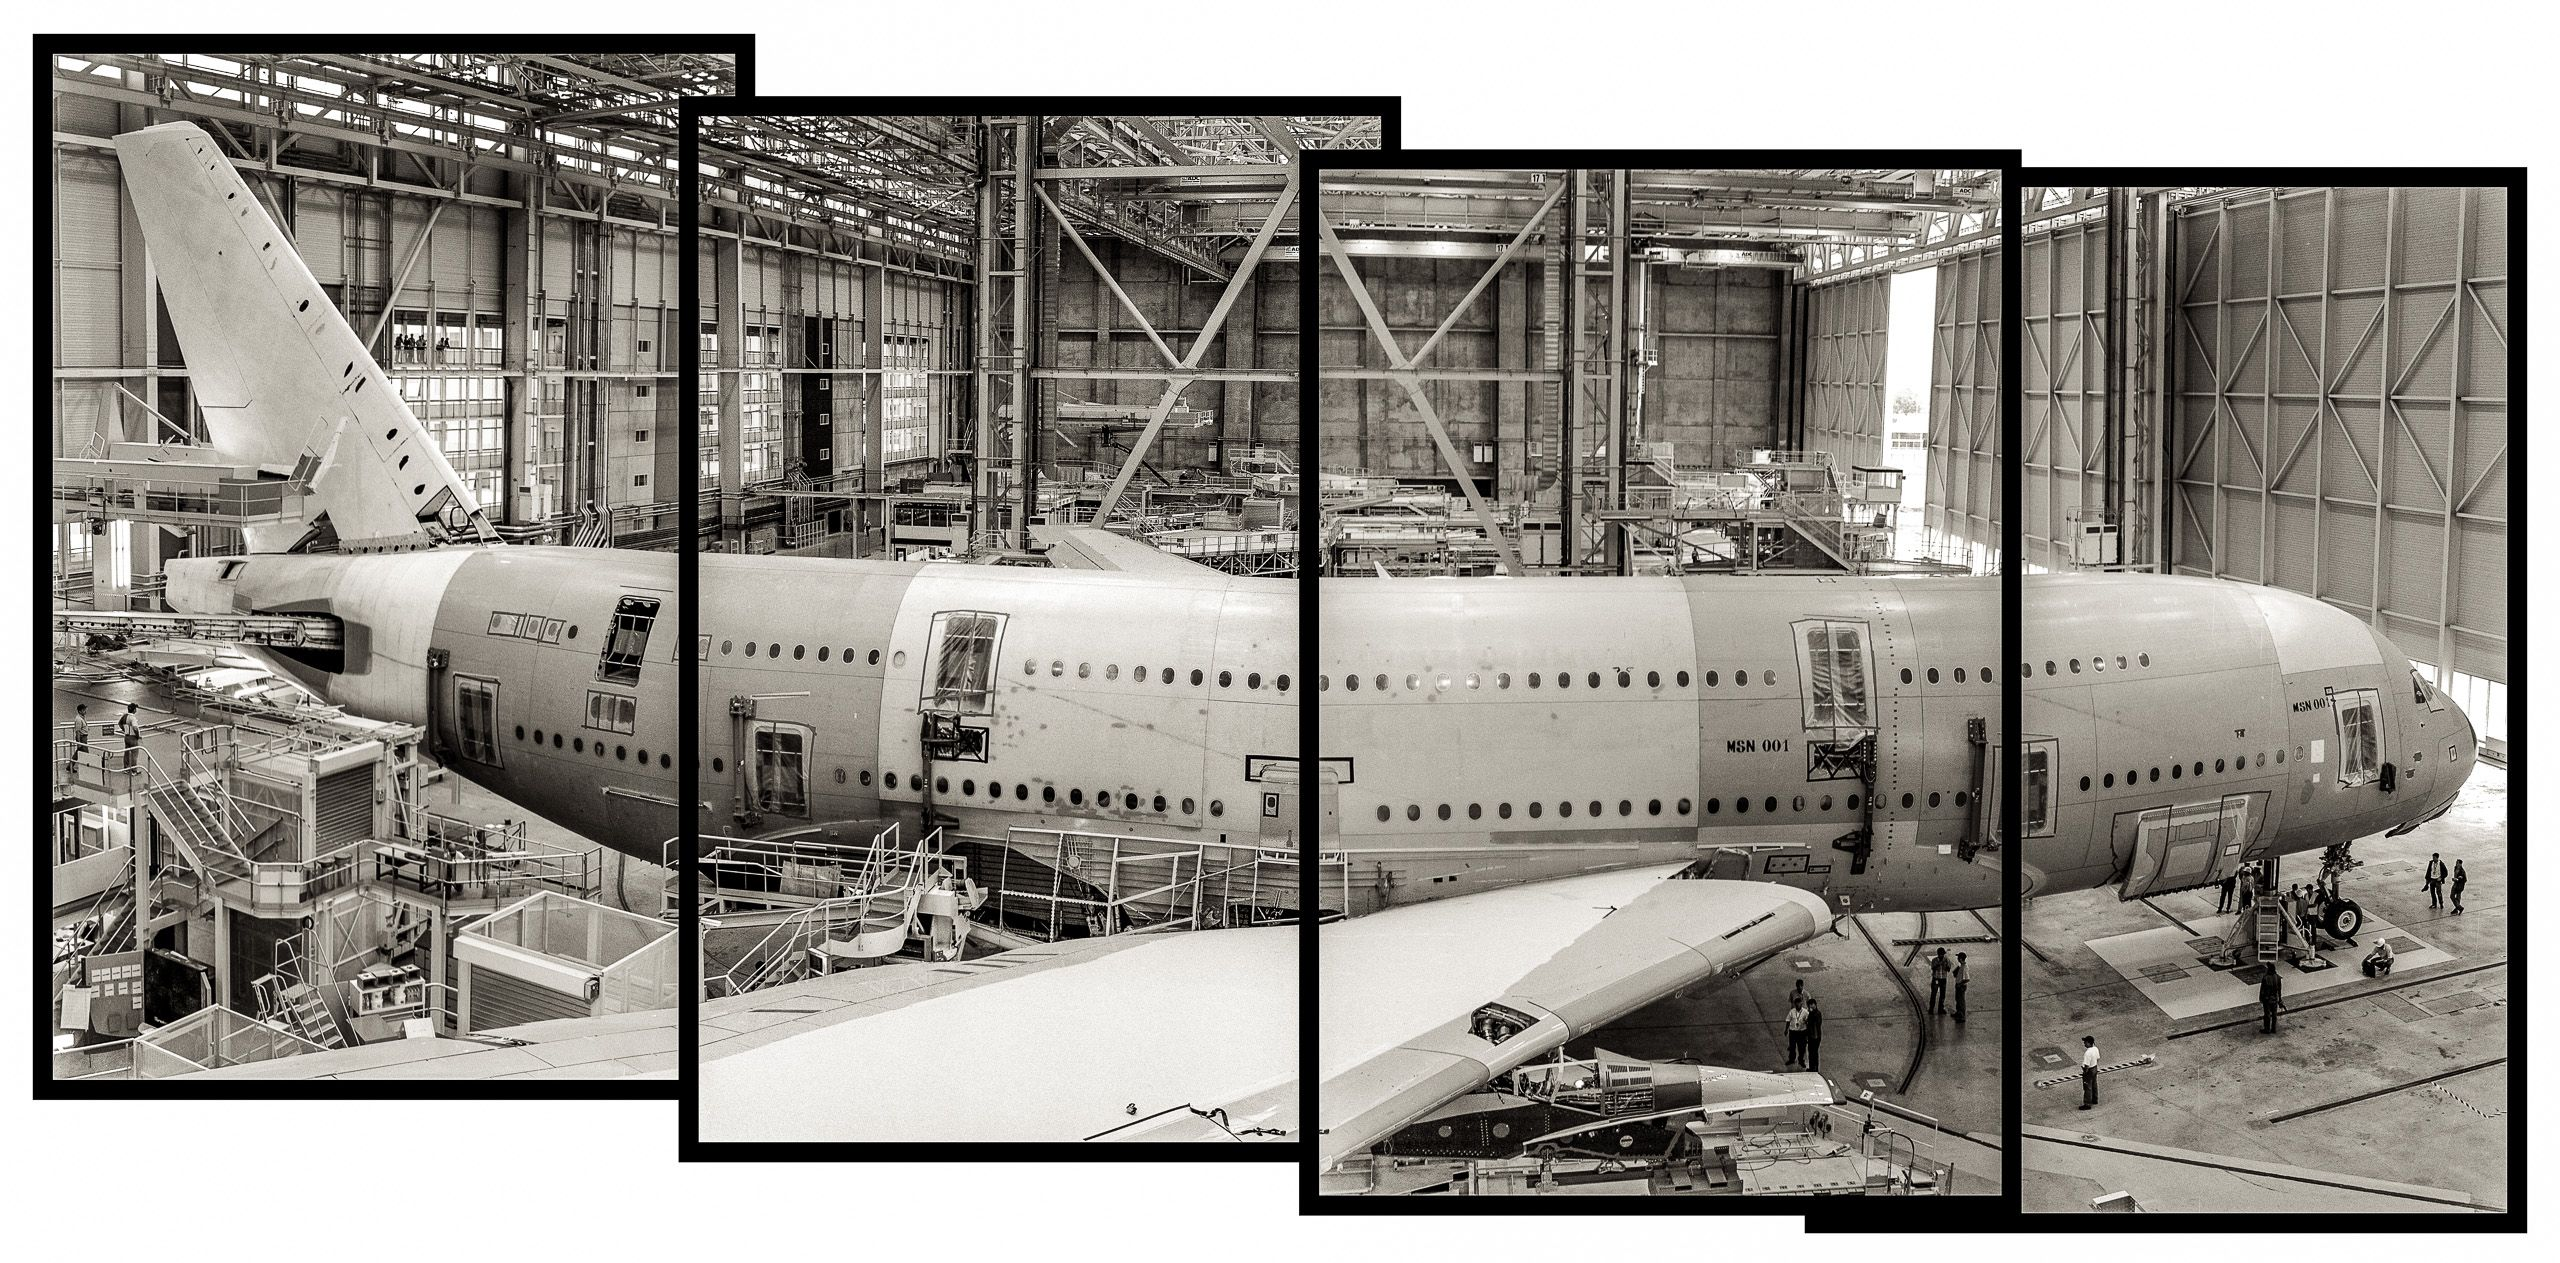 airbus.a380_78 copy.jpg